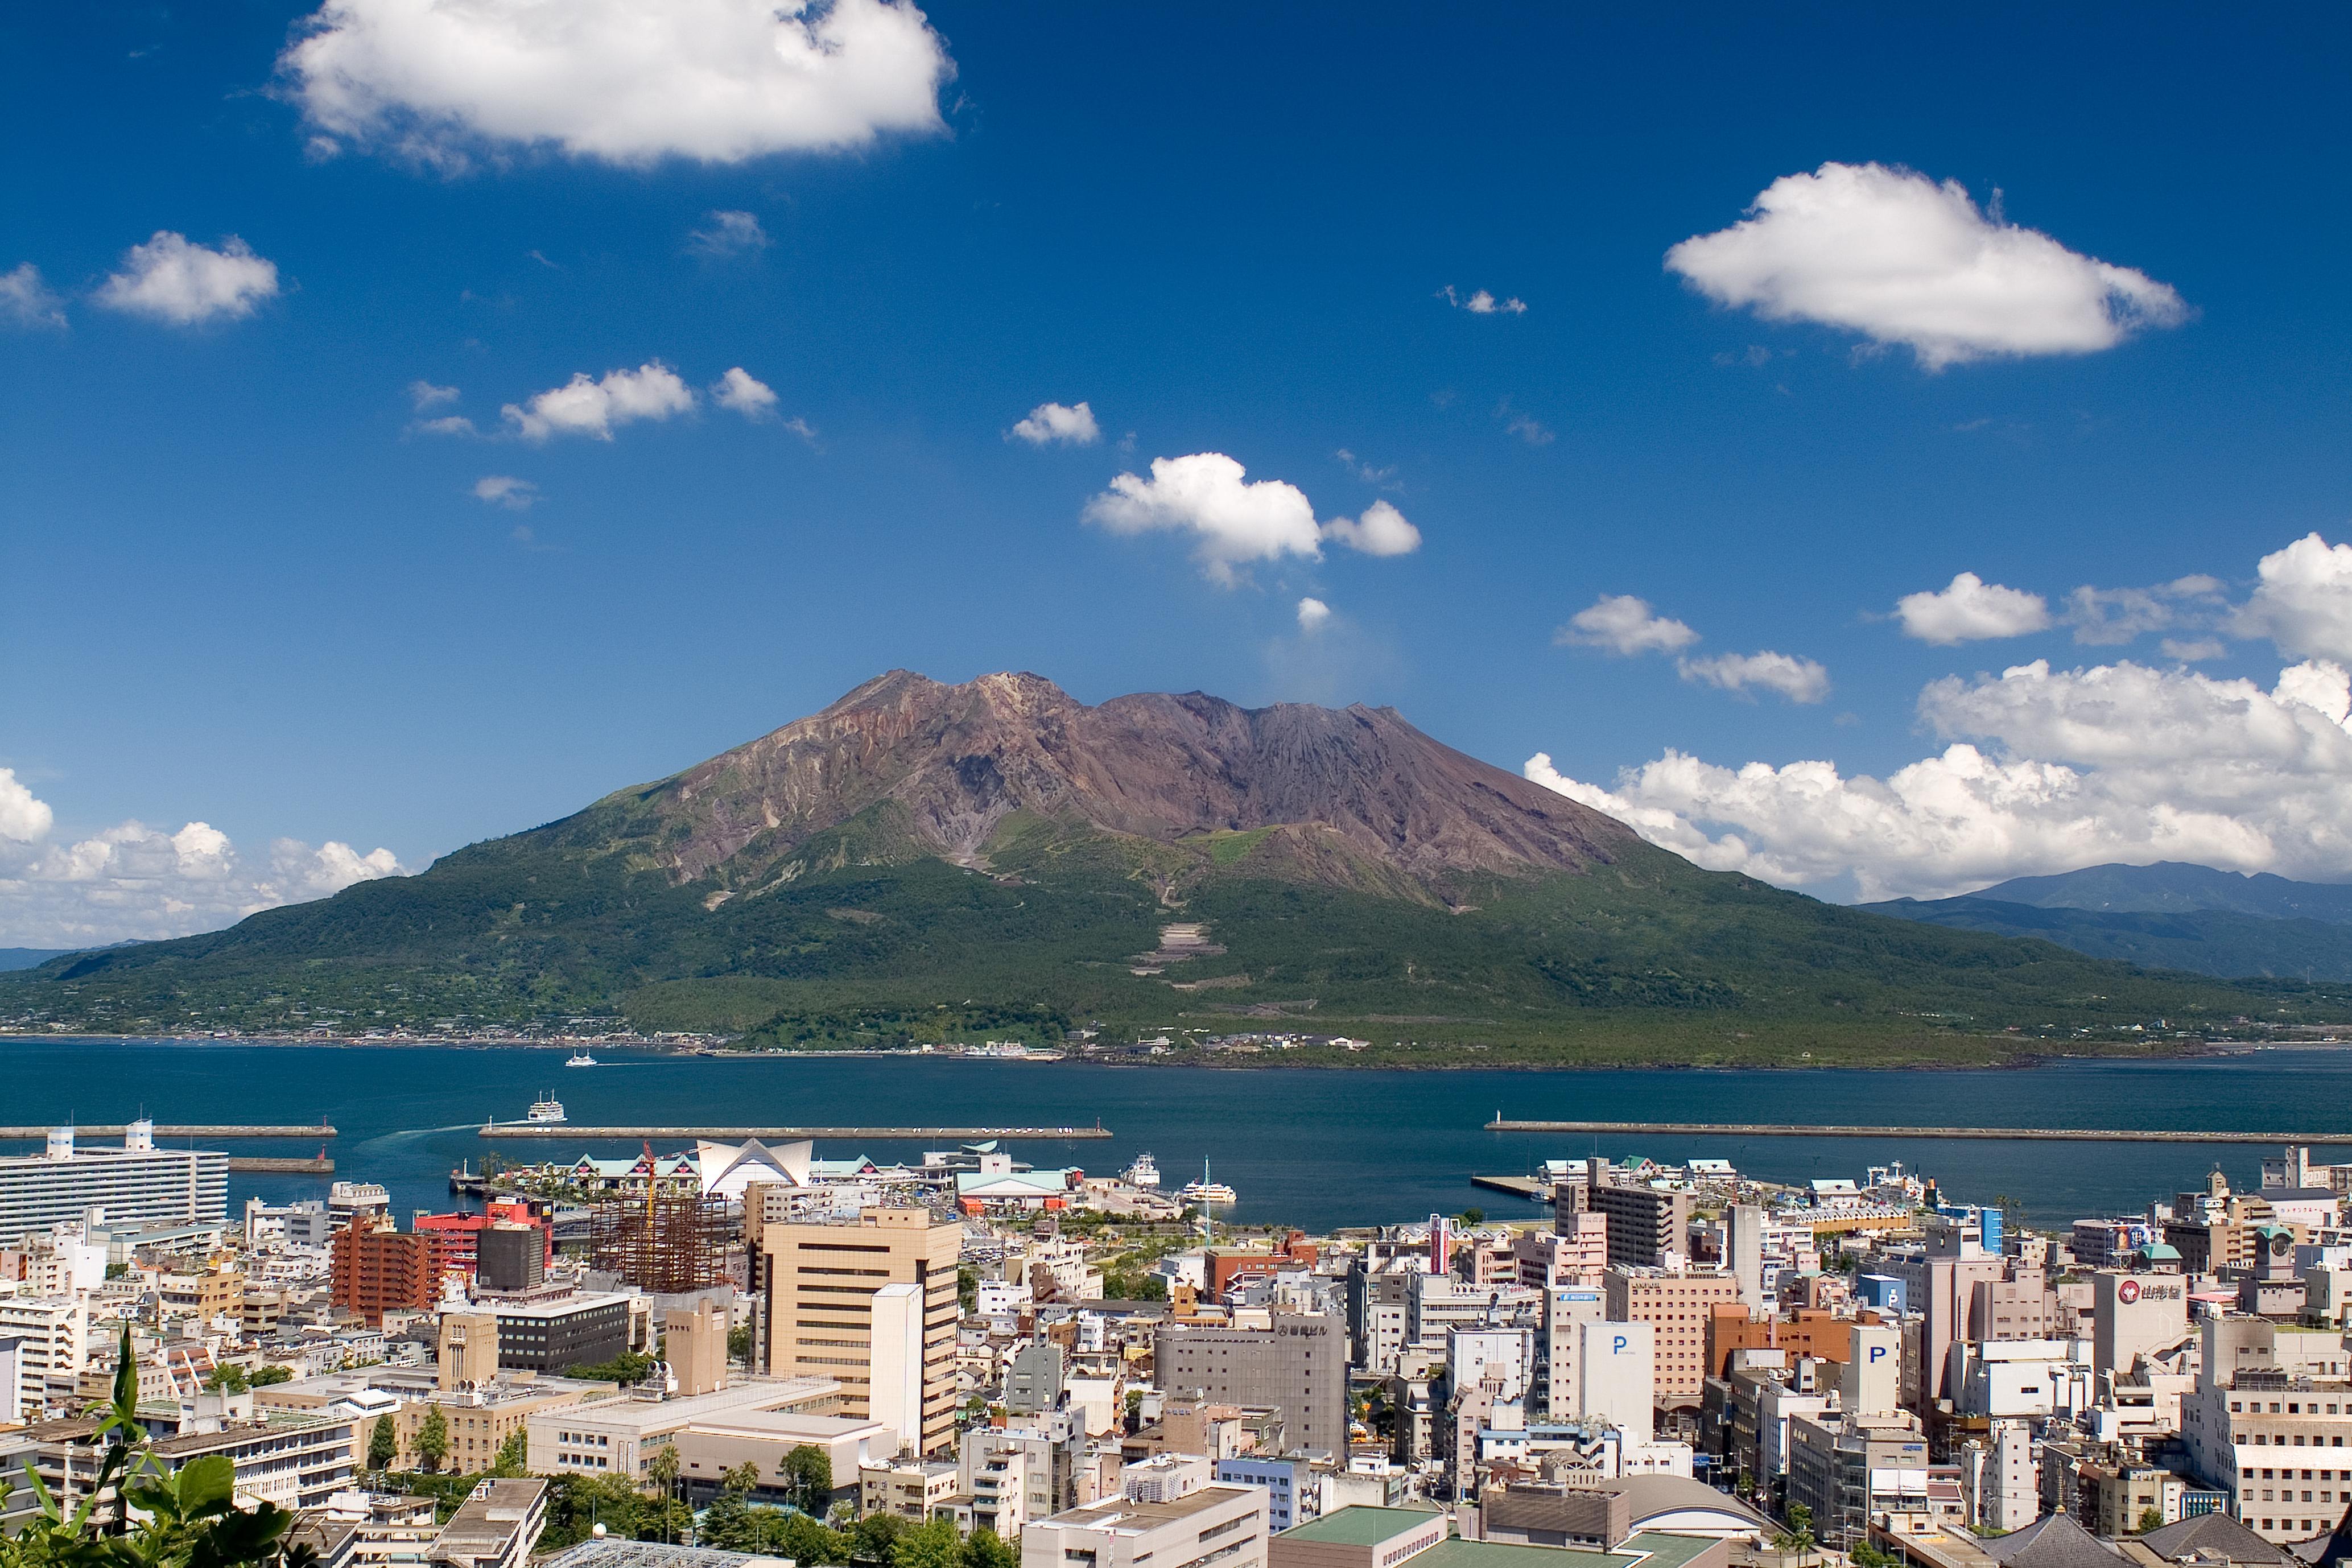 鹿児島市観光ナビおすすめ!絶品グルメから人気観光スポットまで一挙にご紹介!